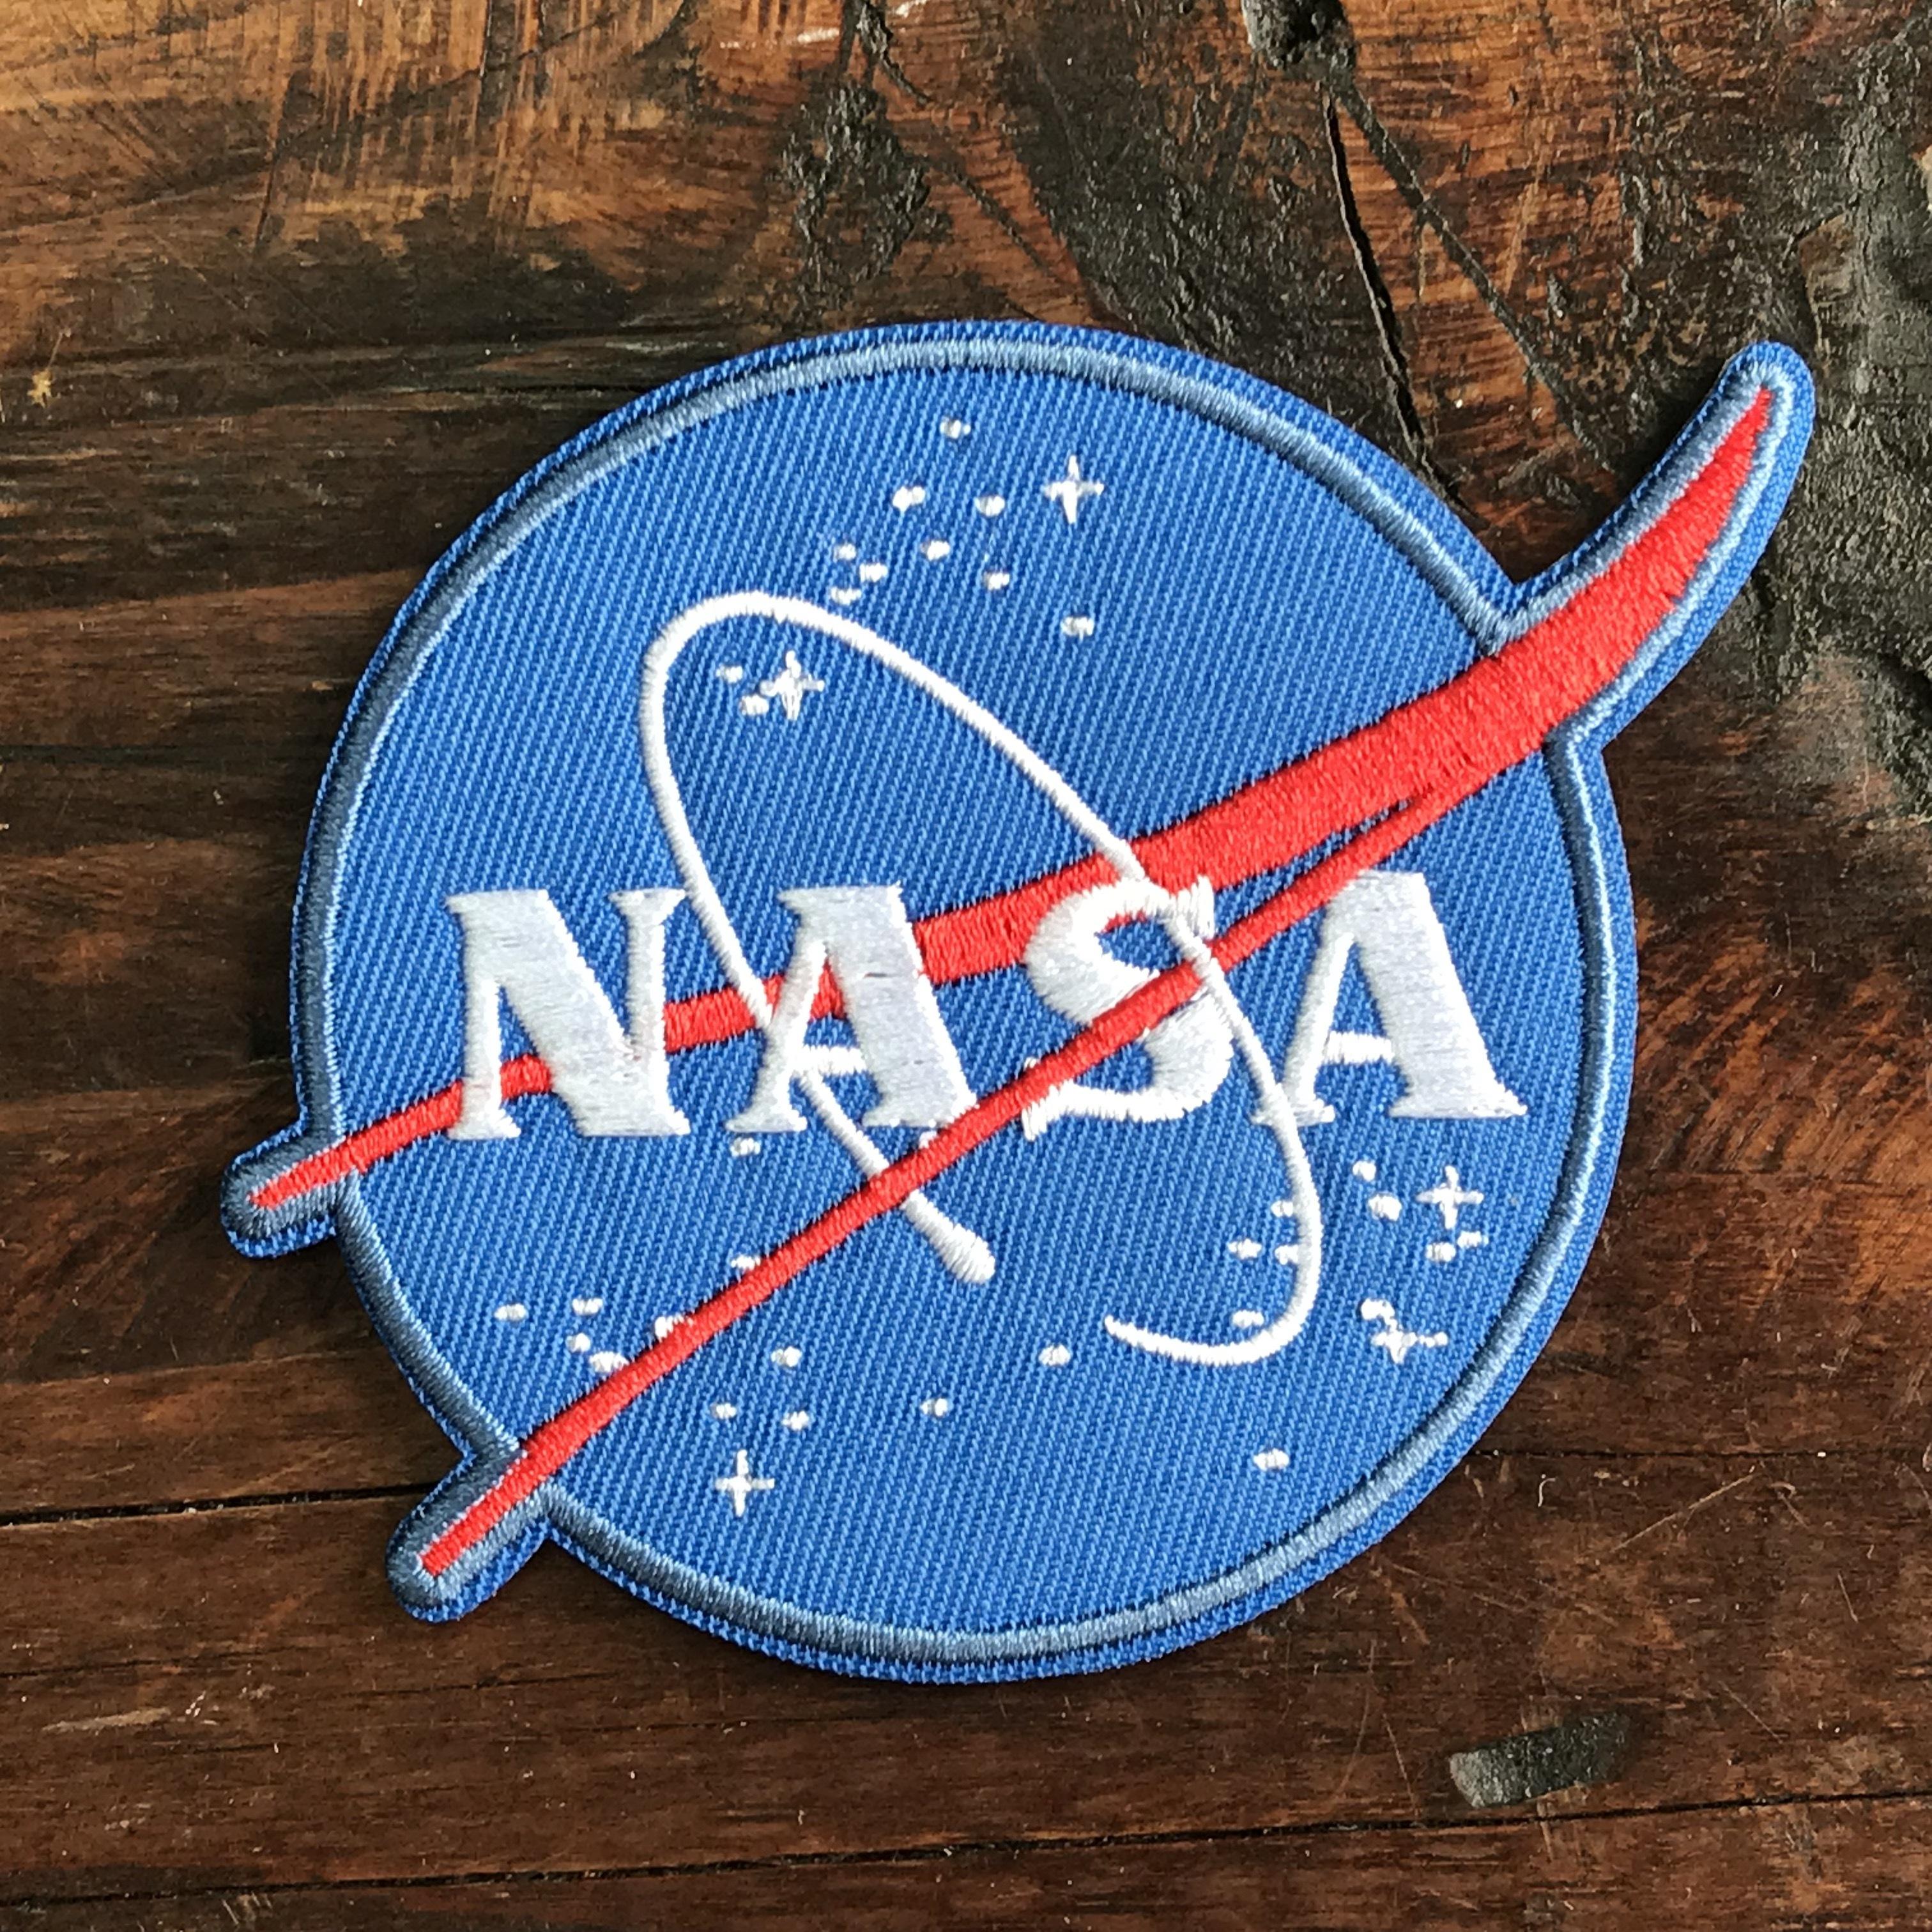 NASA公認(アメリカ航空宇宙局)ワッペン・アップリケ・NASAロゴ・インサイニア(ミートボール)